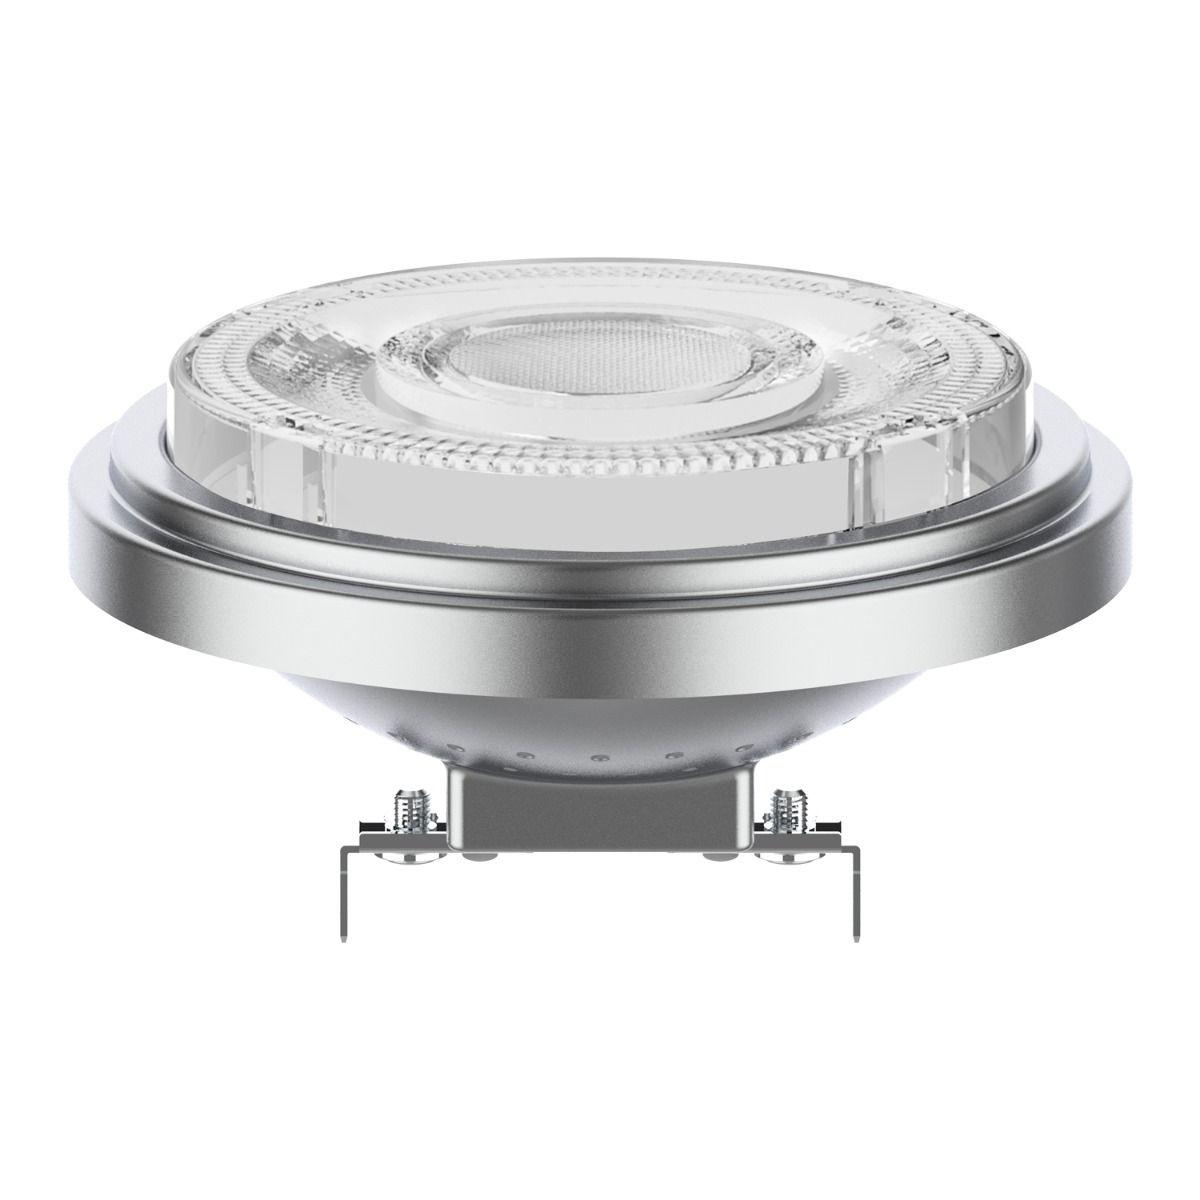 Noxion Lucent LED Kohdevalaisin AR111 G53 12V 11.5W 927 24D   Himmennettävä - Paras Värintois- Korvaa 75W